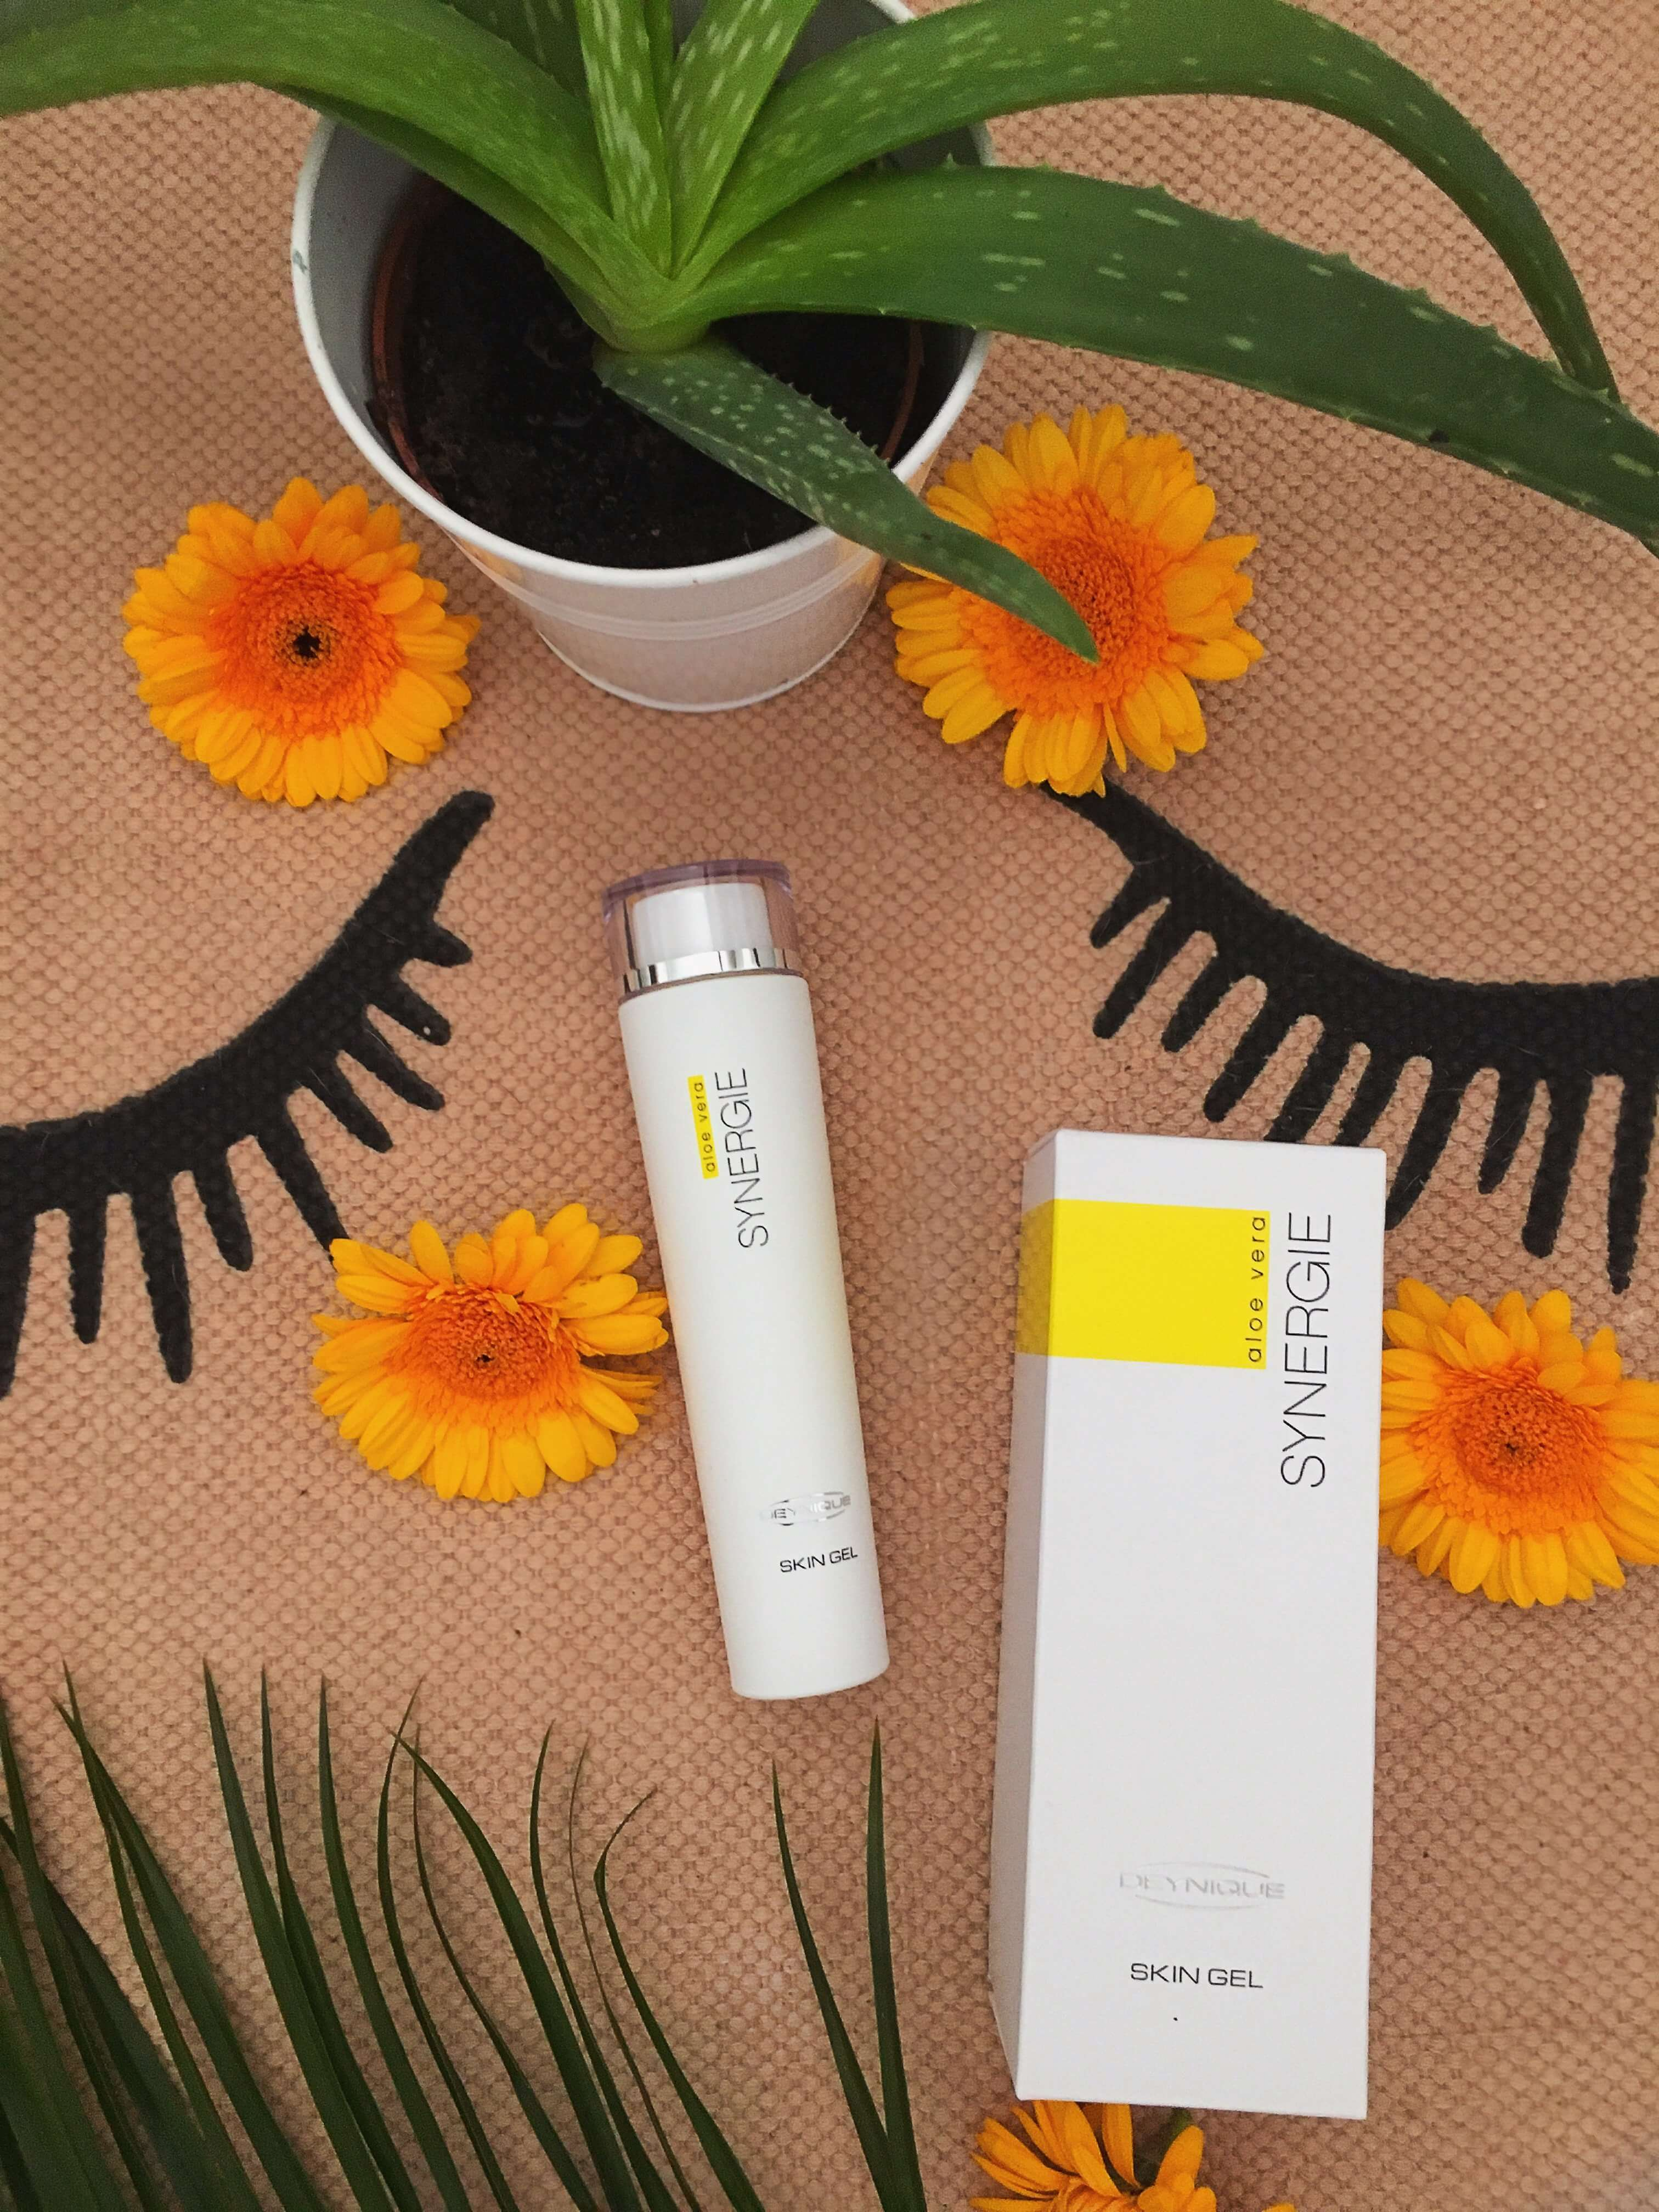 Heute zeige ich euch auf meinem Blog das Aloe Vera Synergie Skin Gel von Denique Cosmetics, welches ein super Feuchtigkeitsspender für die Haut darstellt